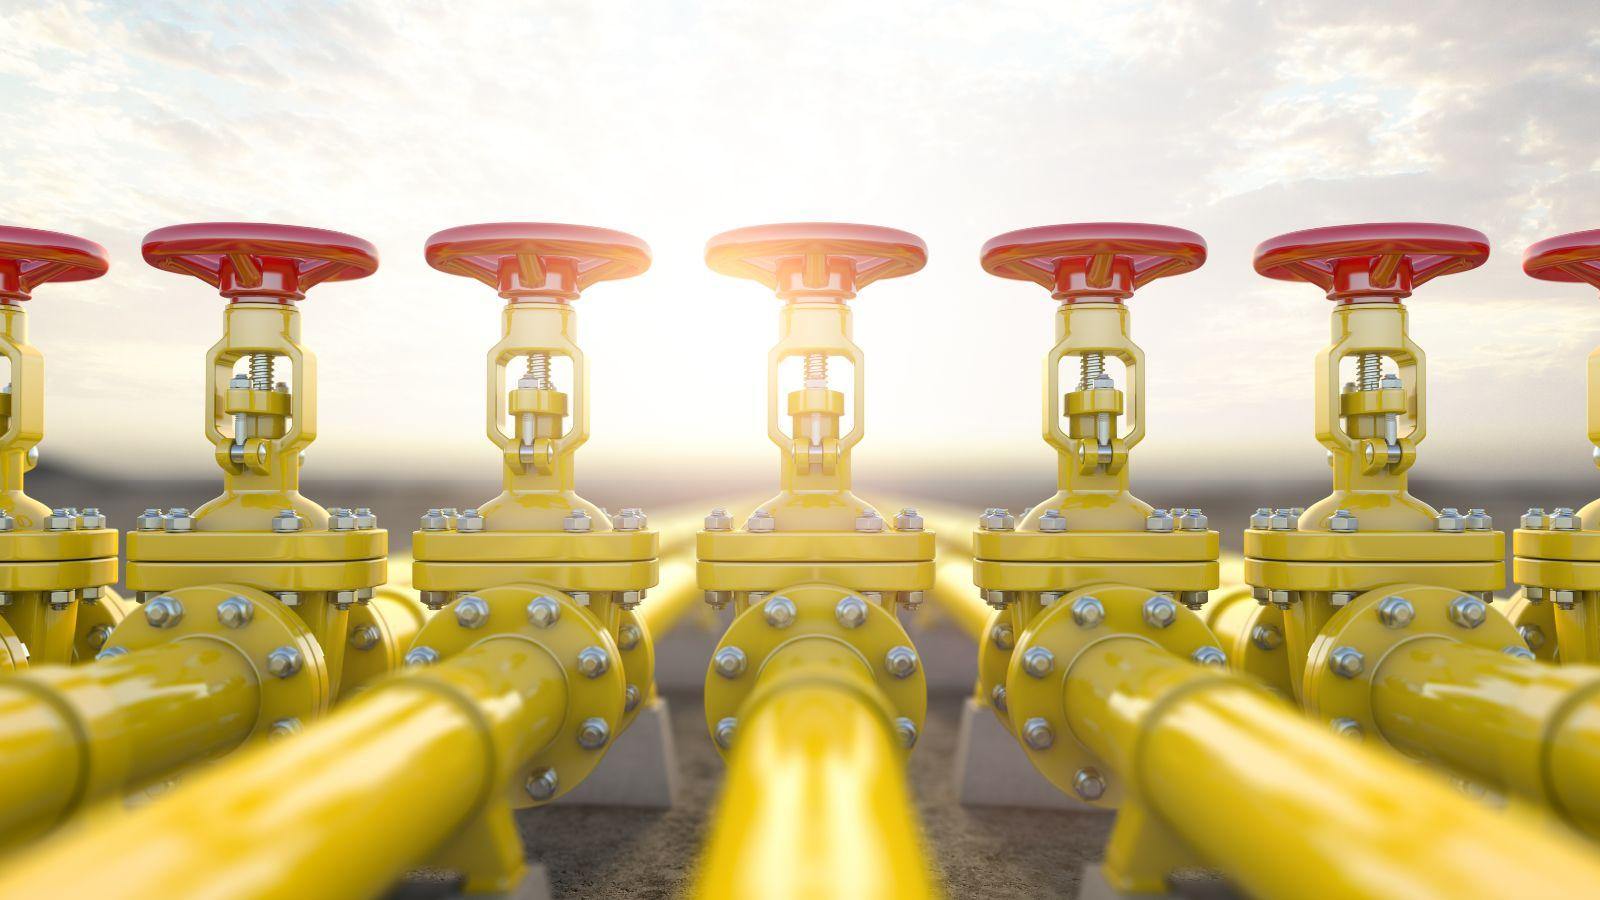 Das Bild zeigt gelbe Wasserstoffleitungen mit roten Drehverschlüssen.